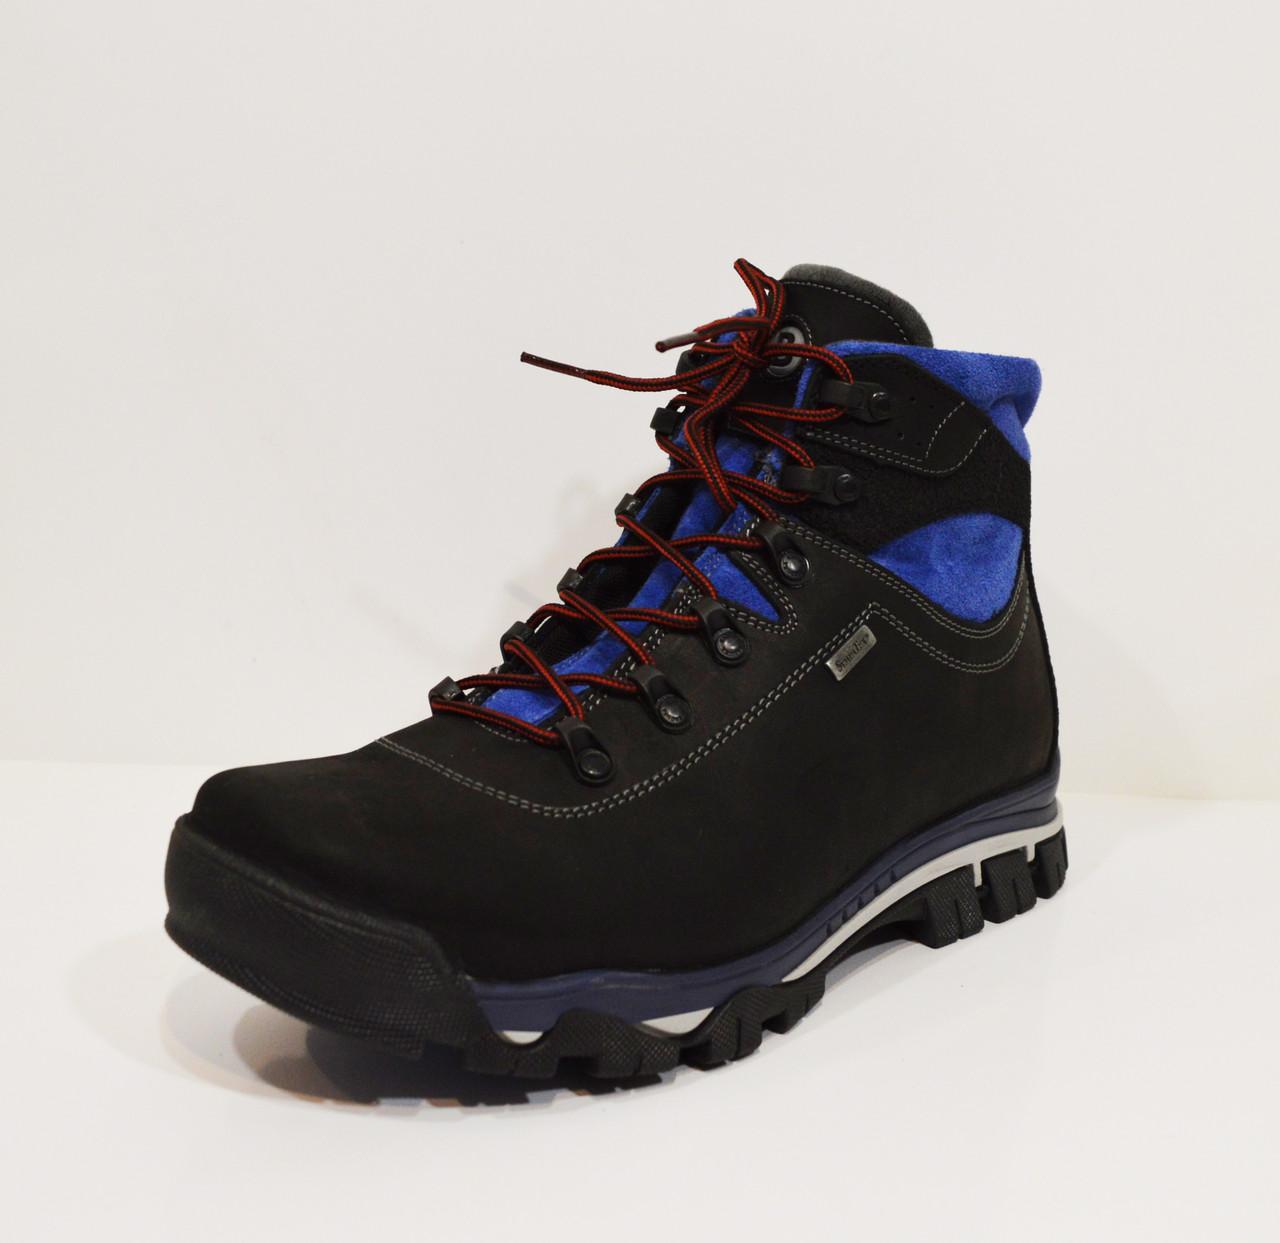 Мужские зимние ботинки Badura 4538 - КРЕЩАТИК - интернет магазин обуви в  Александрии c6846d2172c